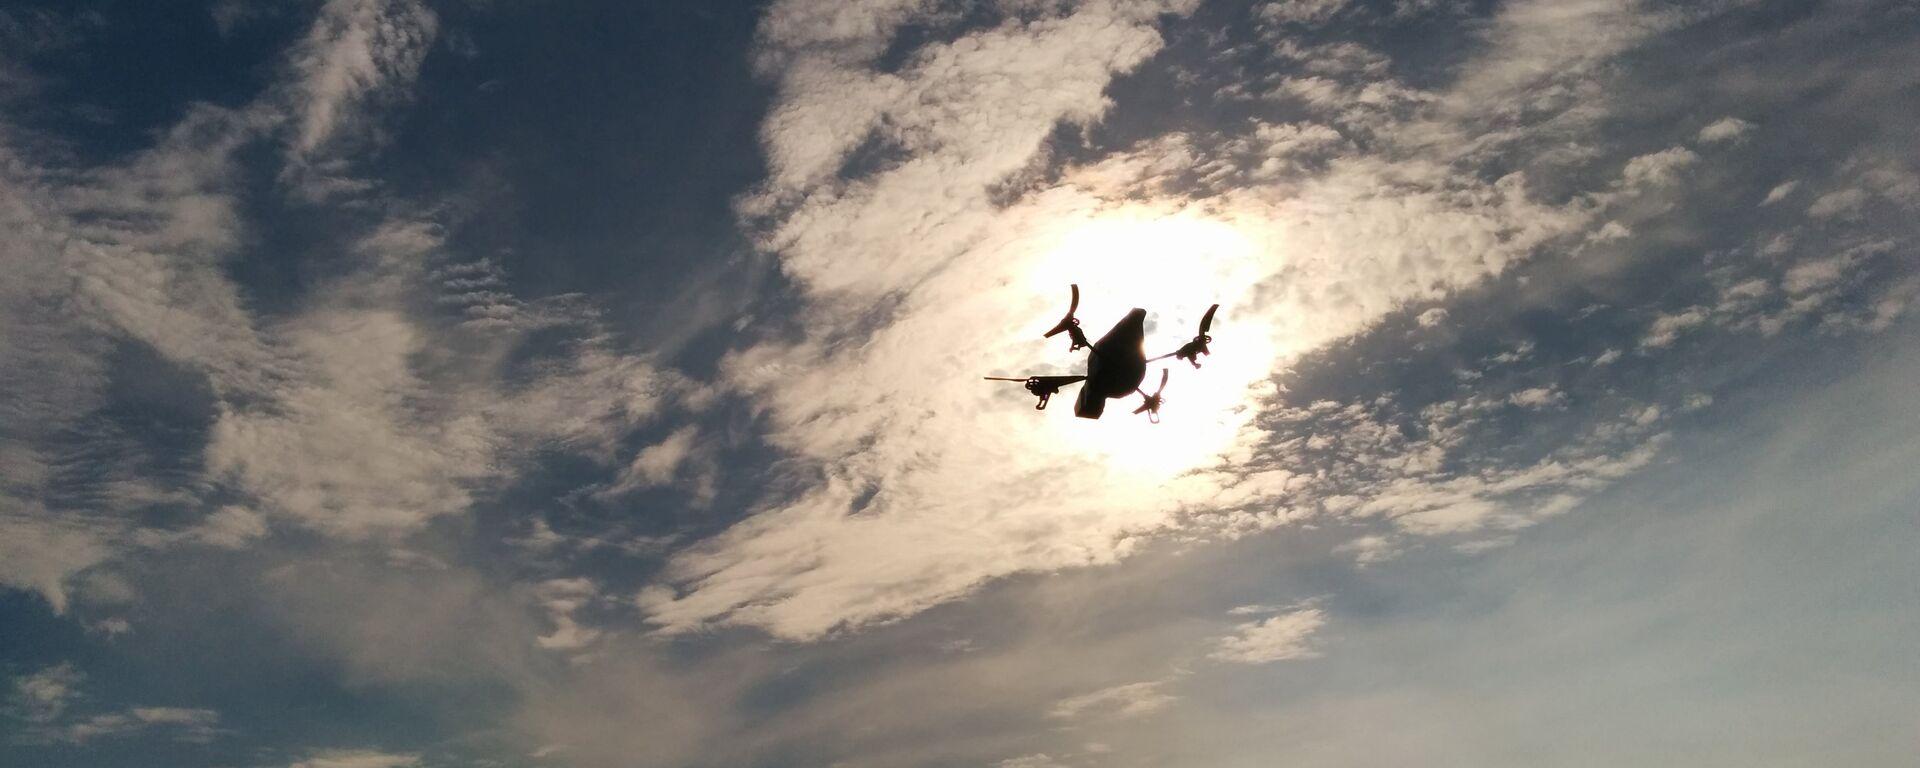 Un dron (imagen referencial) - Sputnik Mundo, 1920, 26.03.2021